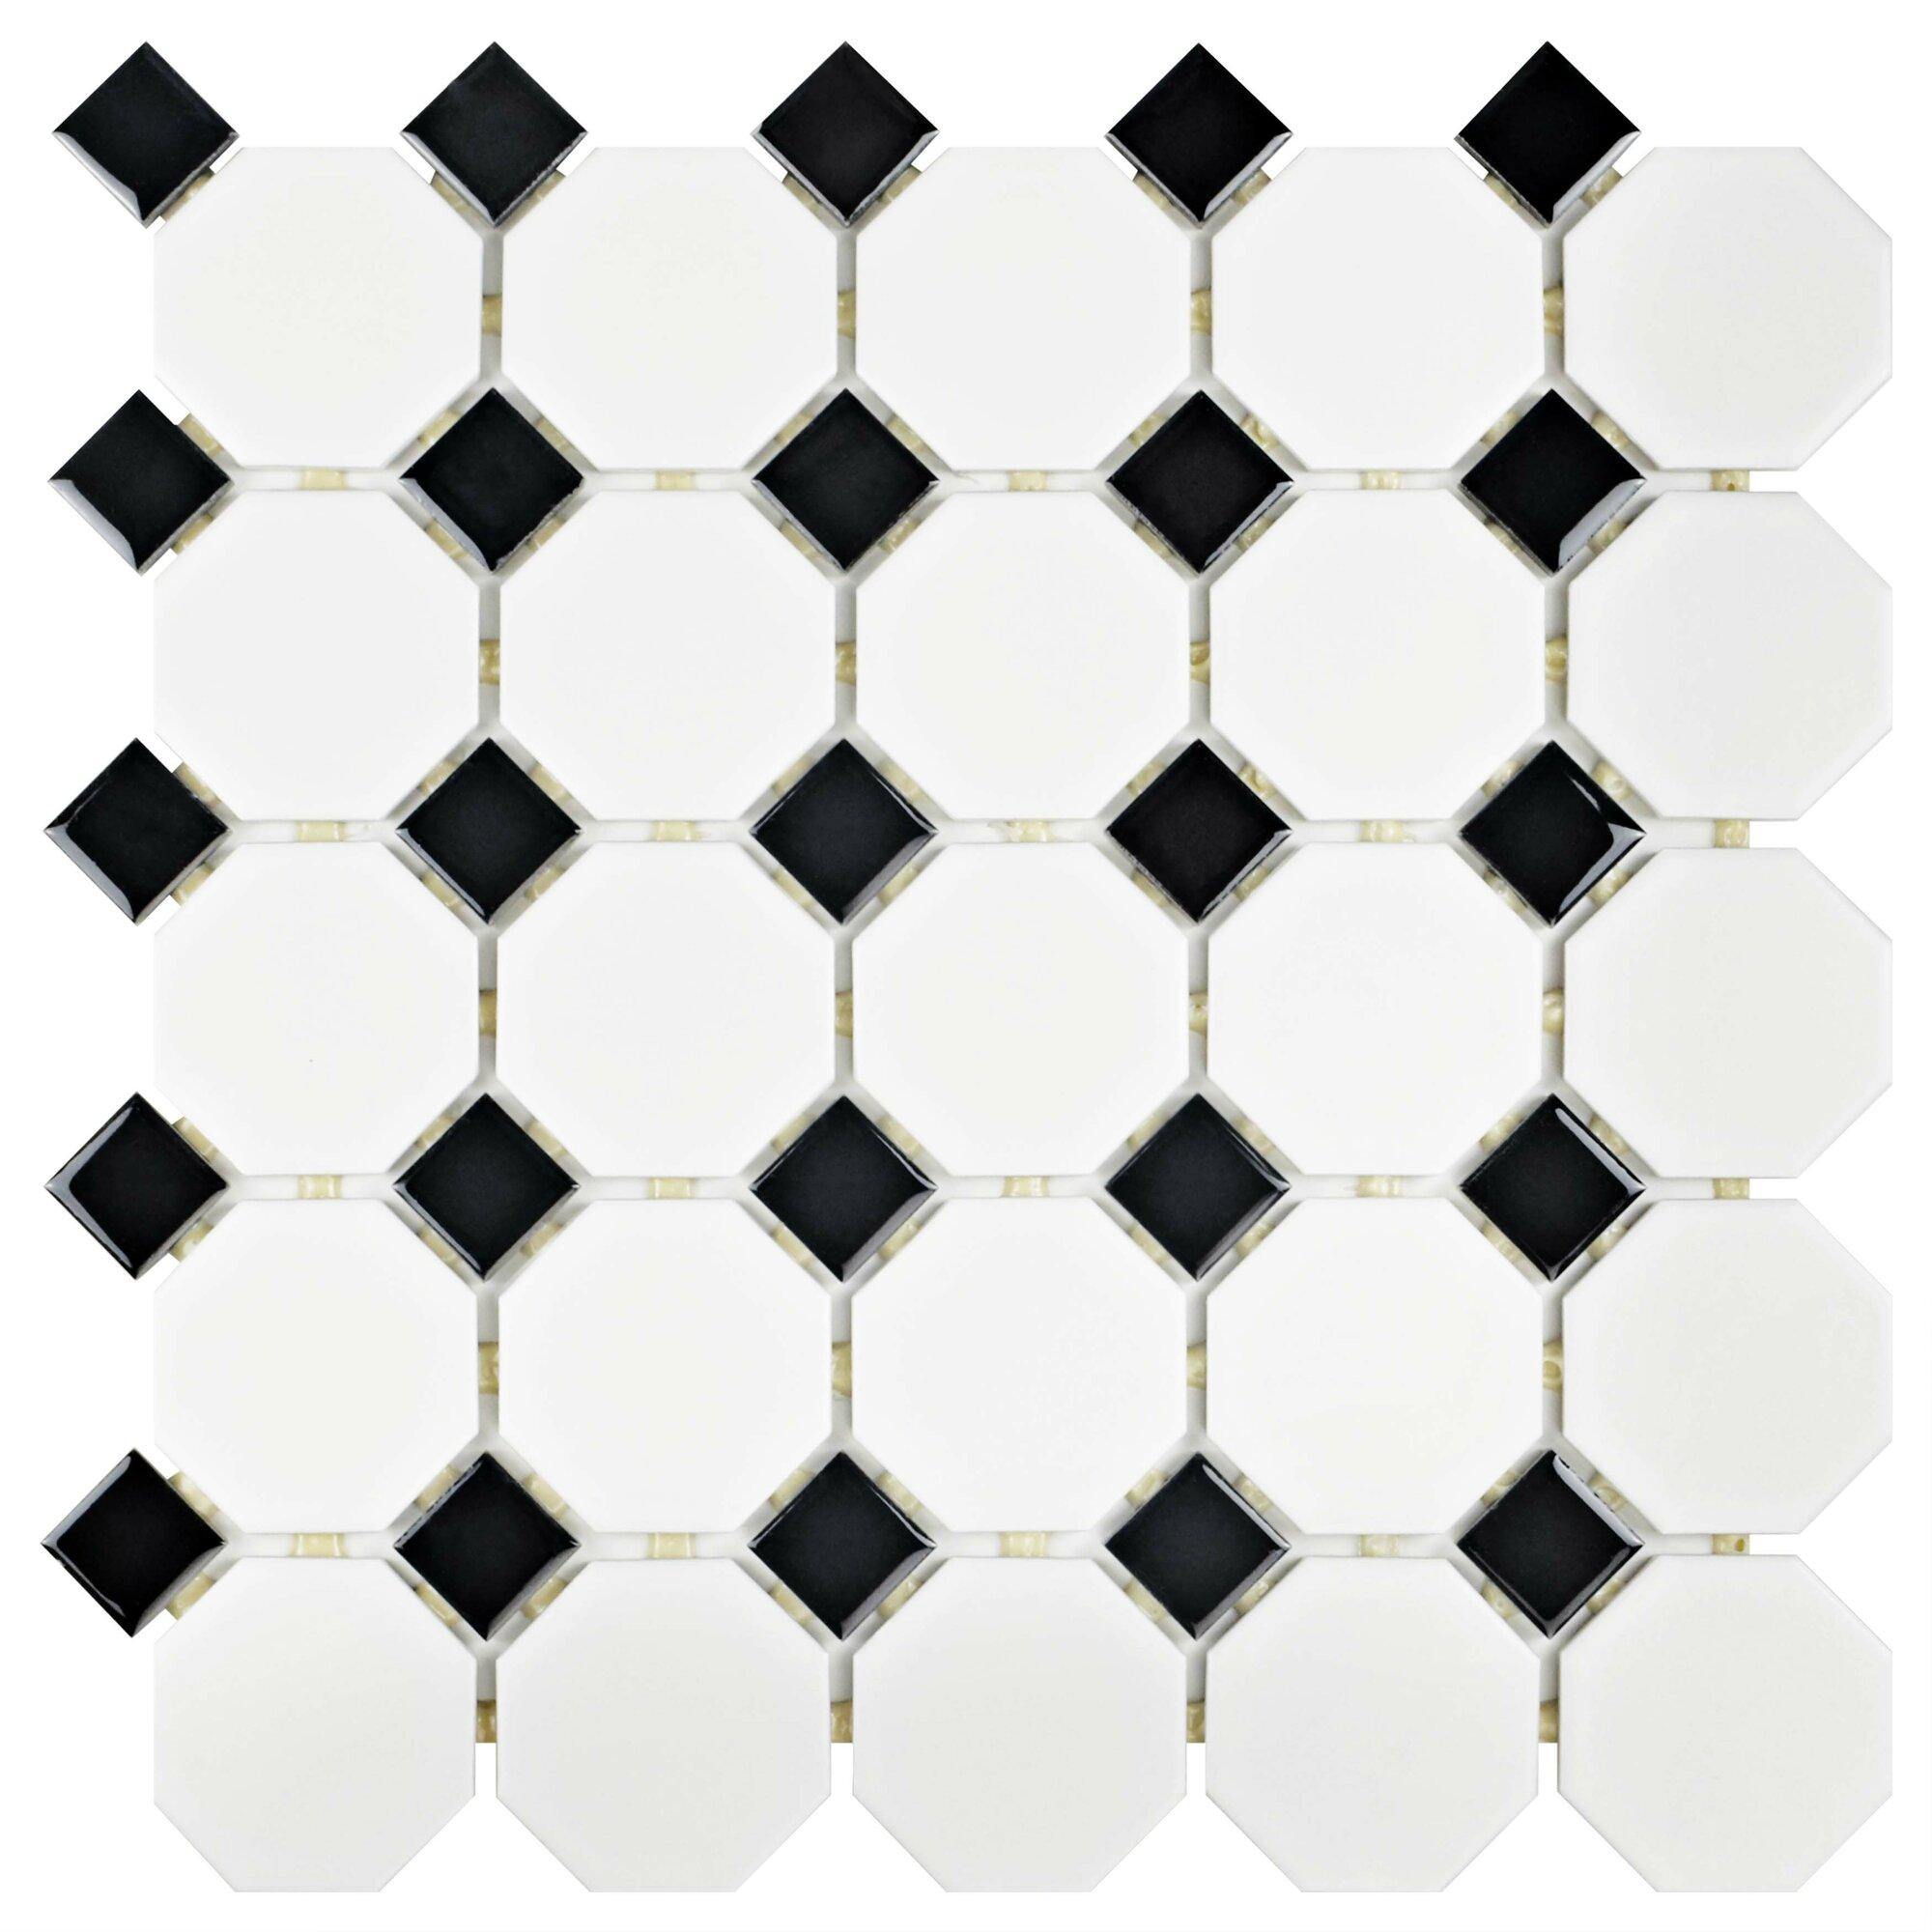 Elitetile Retro 11 5 Quot X 11 5 Quot Porcelain Mosaic Tile In